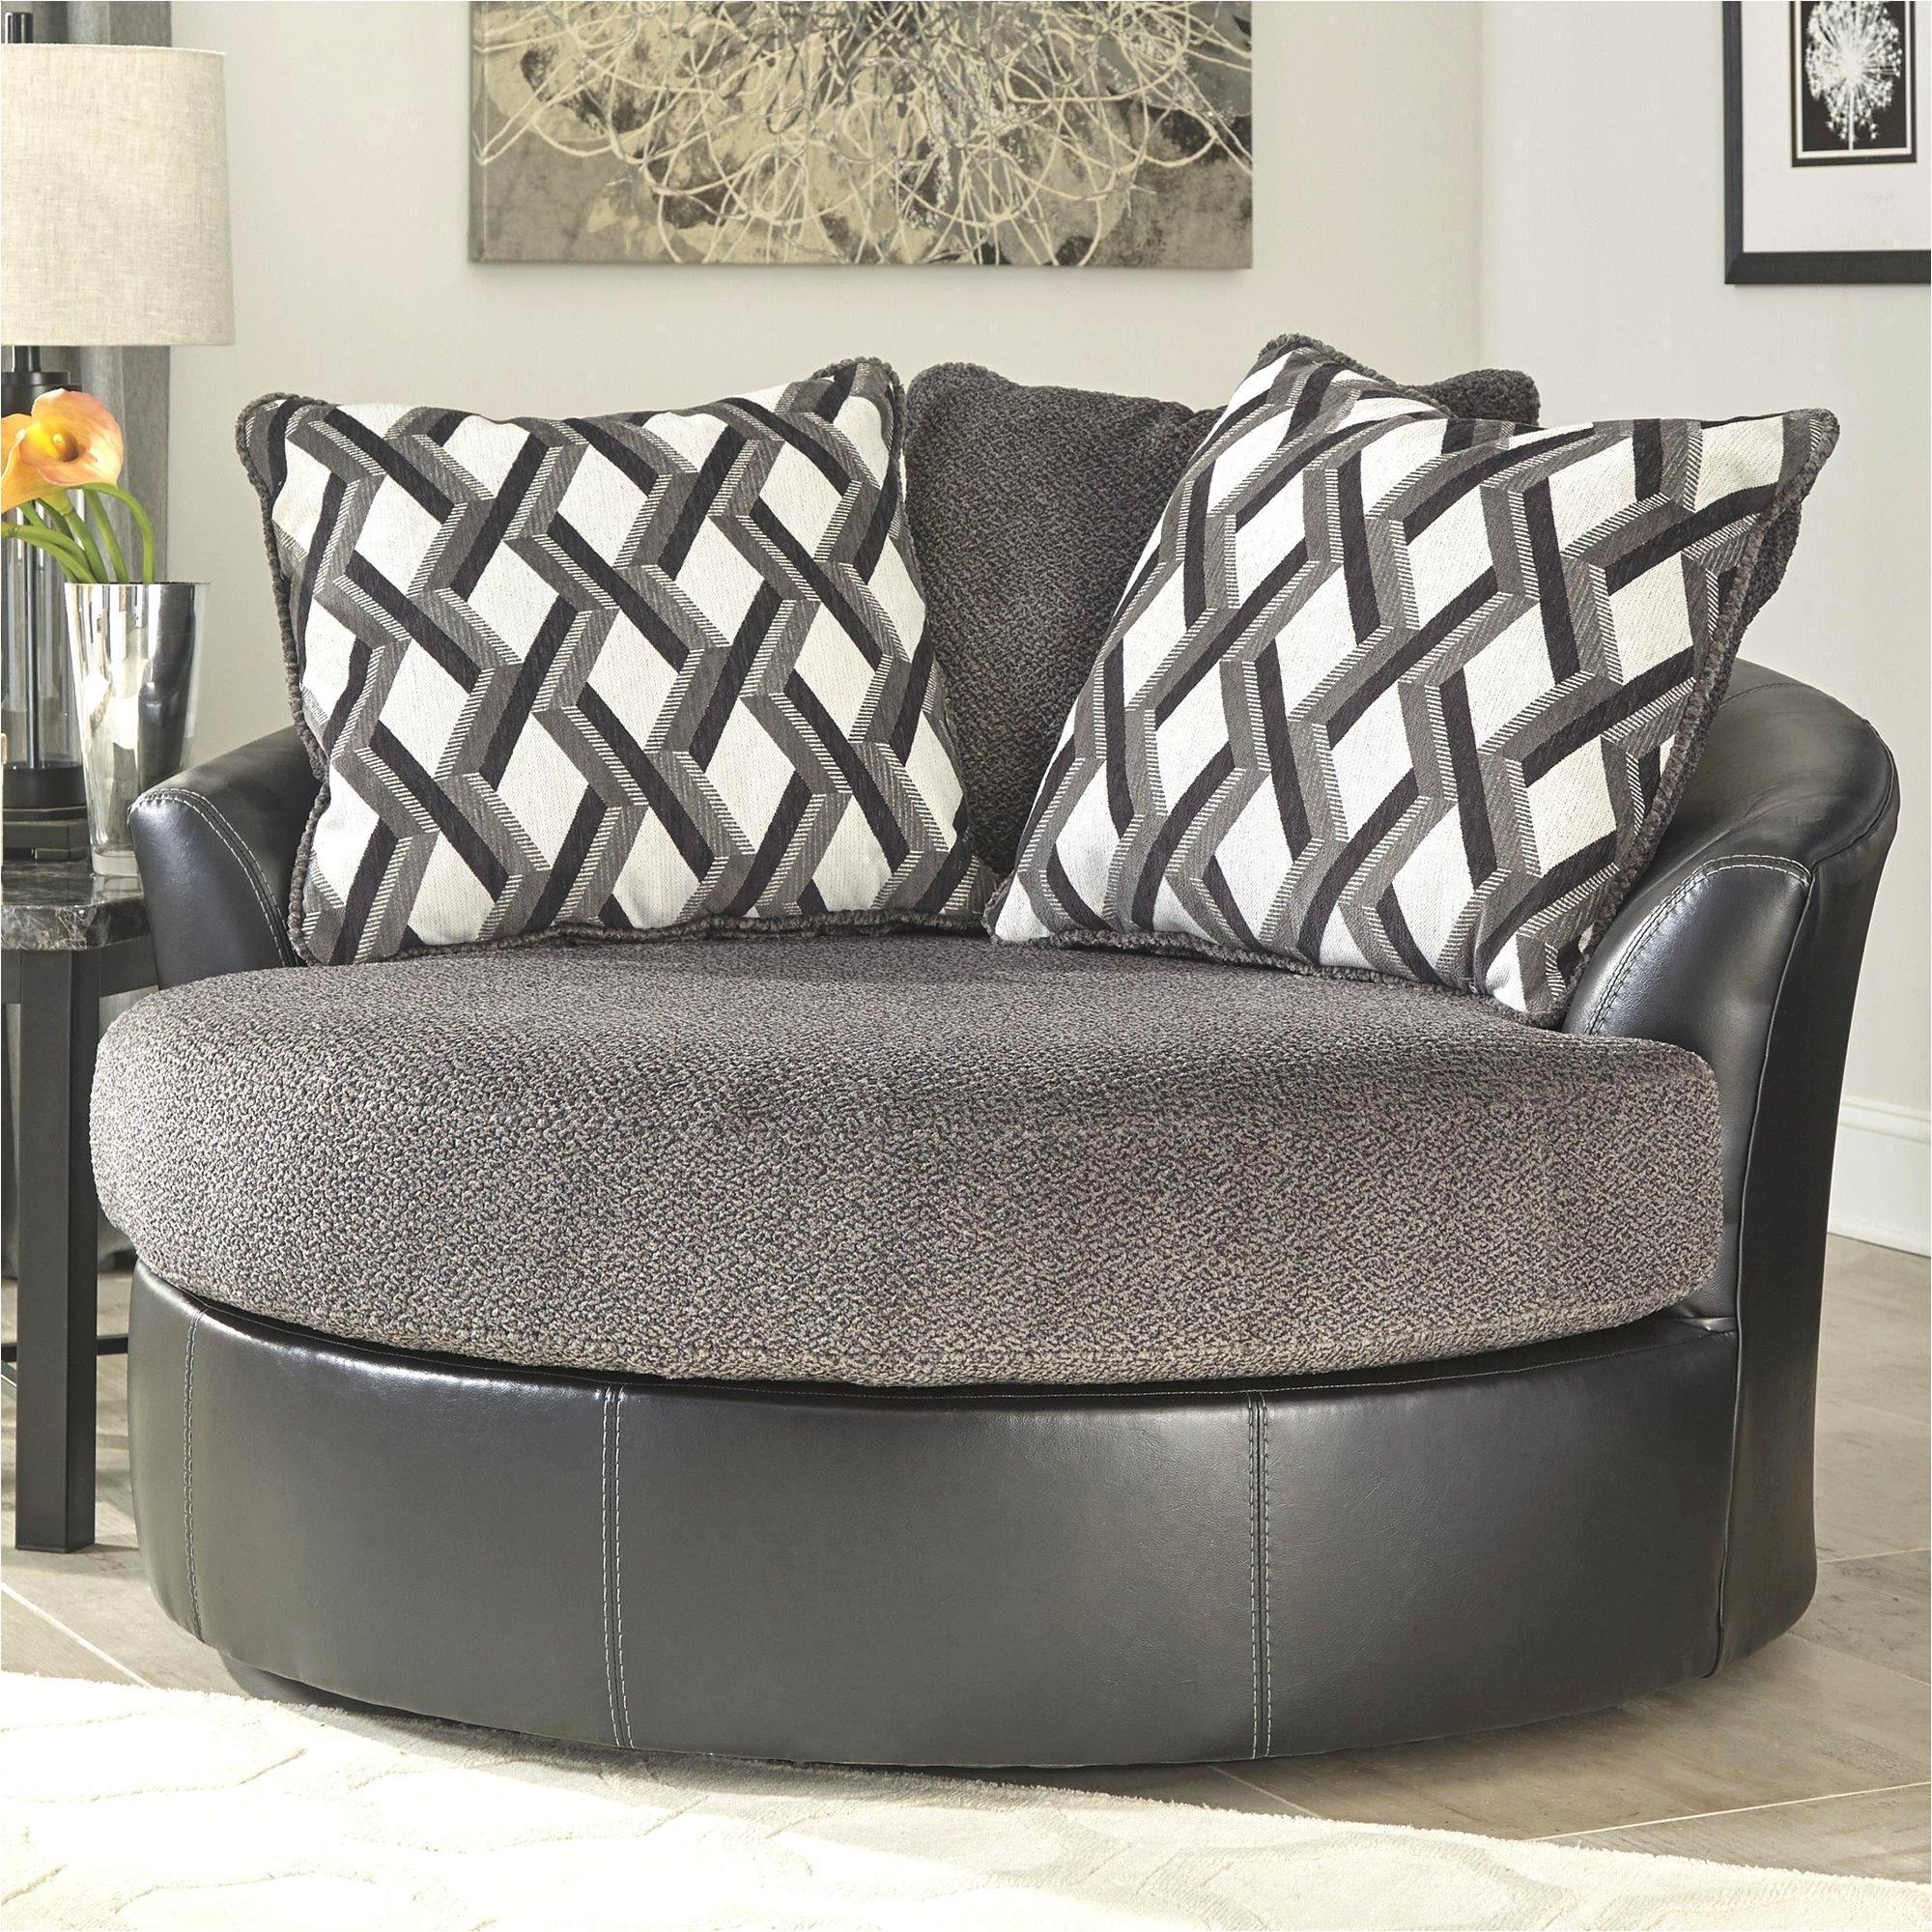 51 inspirational ikea norsborg sofa 51 s design ikea sofas erfahrungen